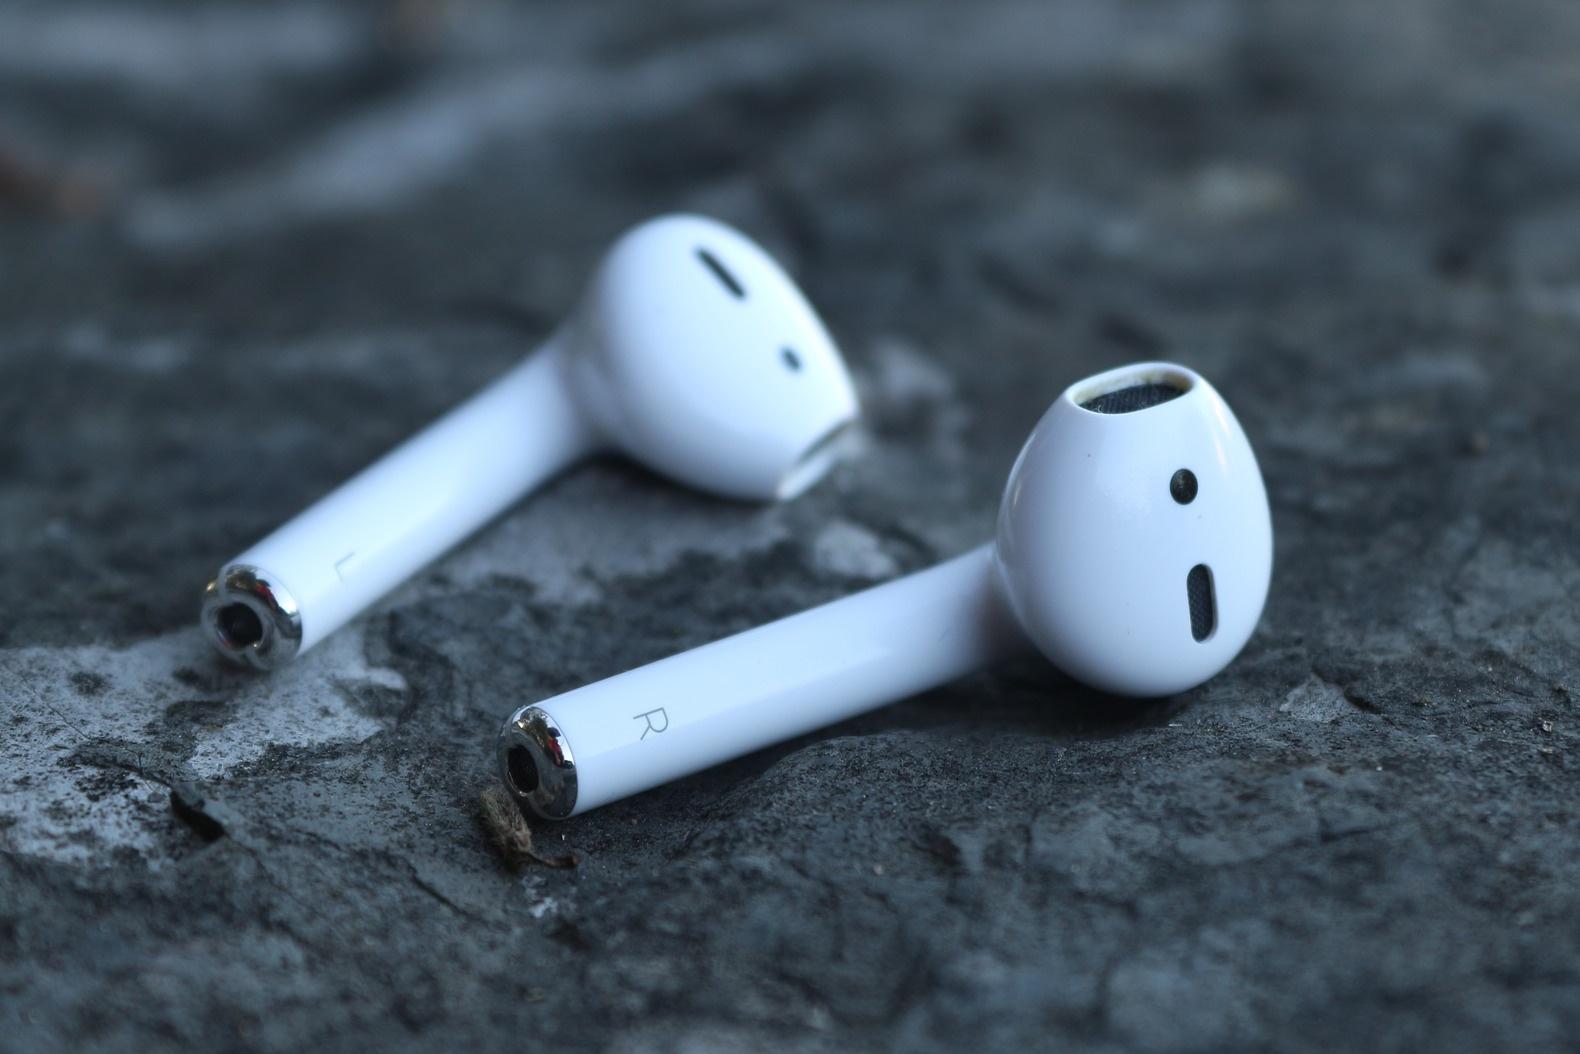 Apple zdominowało rynek bezprzewodowych słuchawek 21